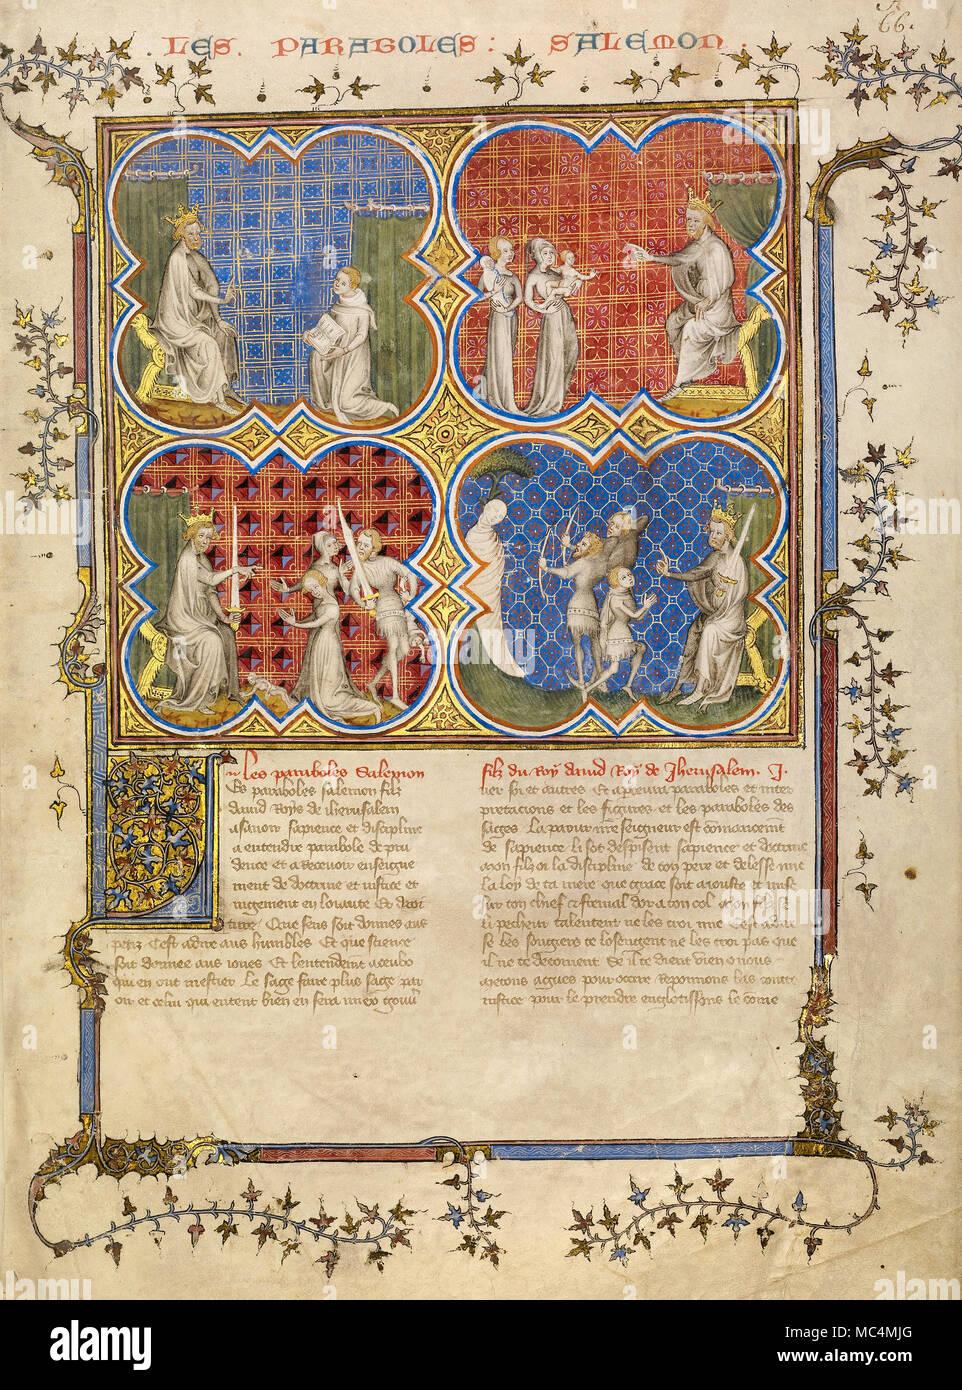 Maestro de Jean de Mandeville, Salomón Roboam docente; El Juicio de Salomón; Solomon probar la legitimidad de tres hermanos. Circa 1360-1370. T Imagen De Stock